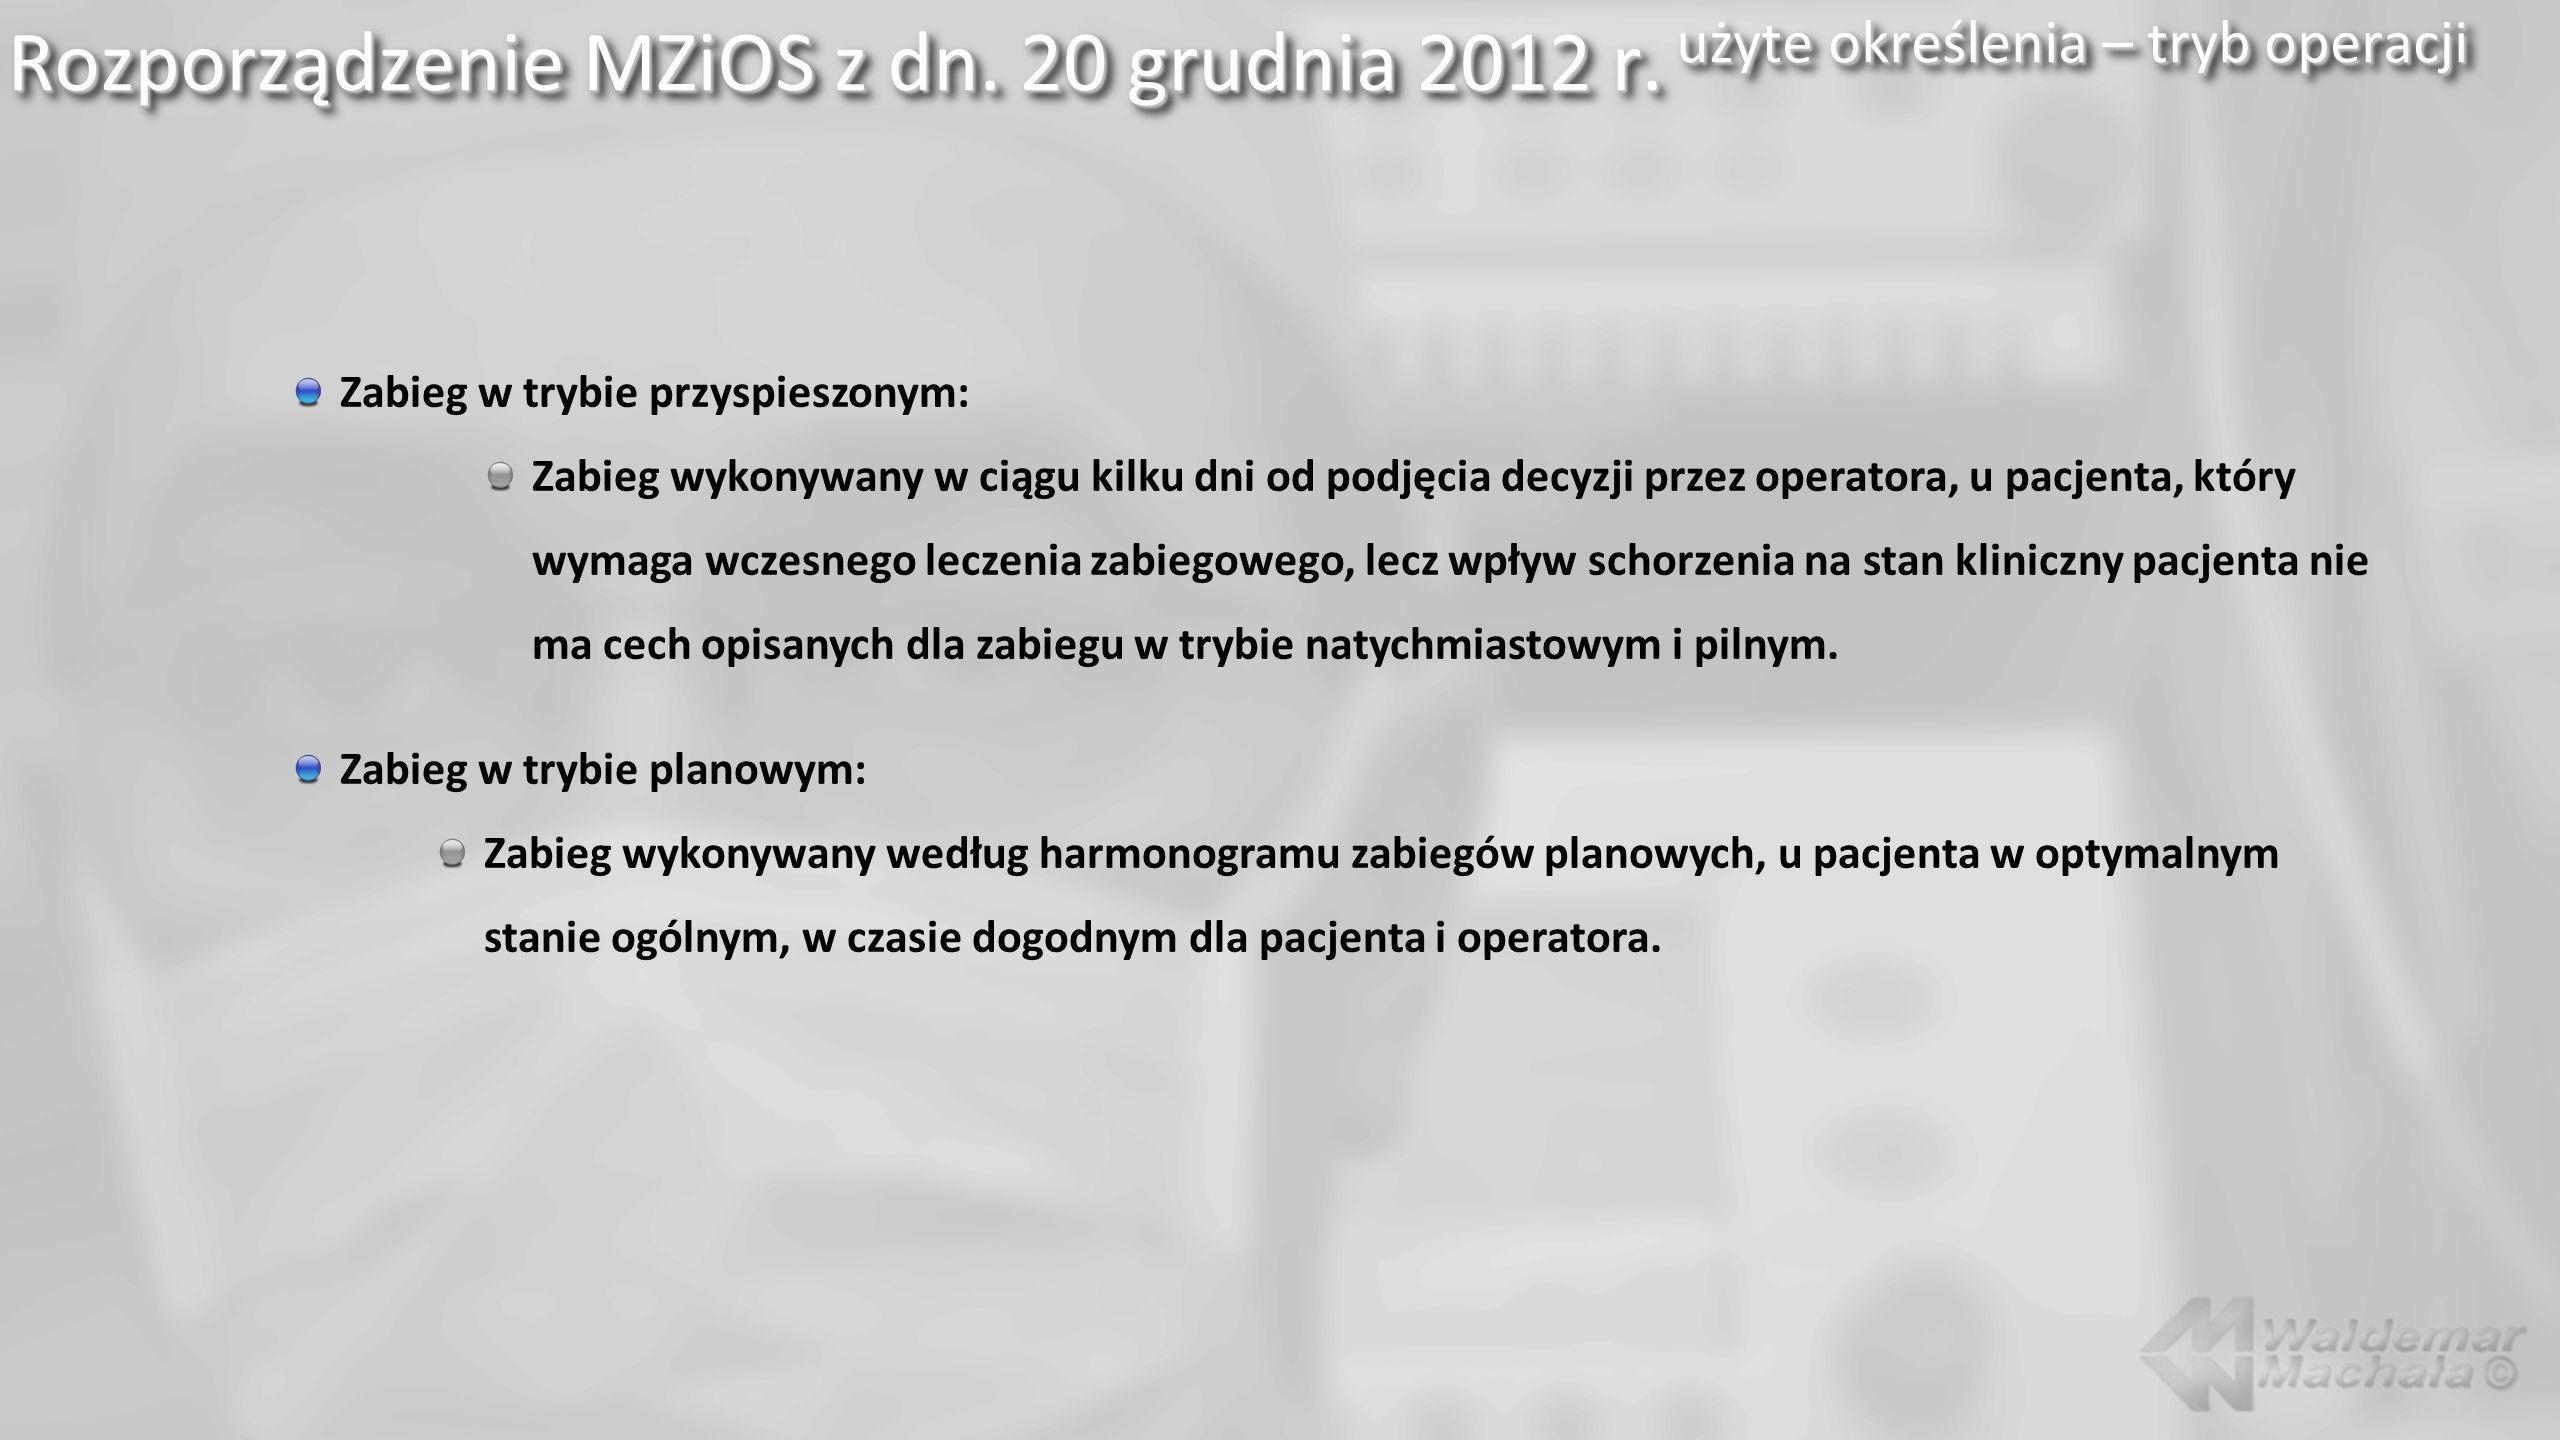 Rozporządzenie MZiOS z dn. 20 grudnia 2012 r. użyte określenia – tryb operacji Zabieg w trybie przyspieszonym: Zabieg wykonywany w ciągu kilku dni od